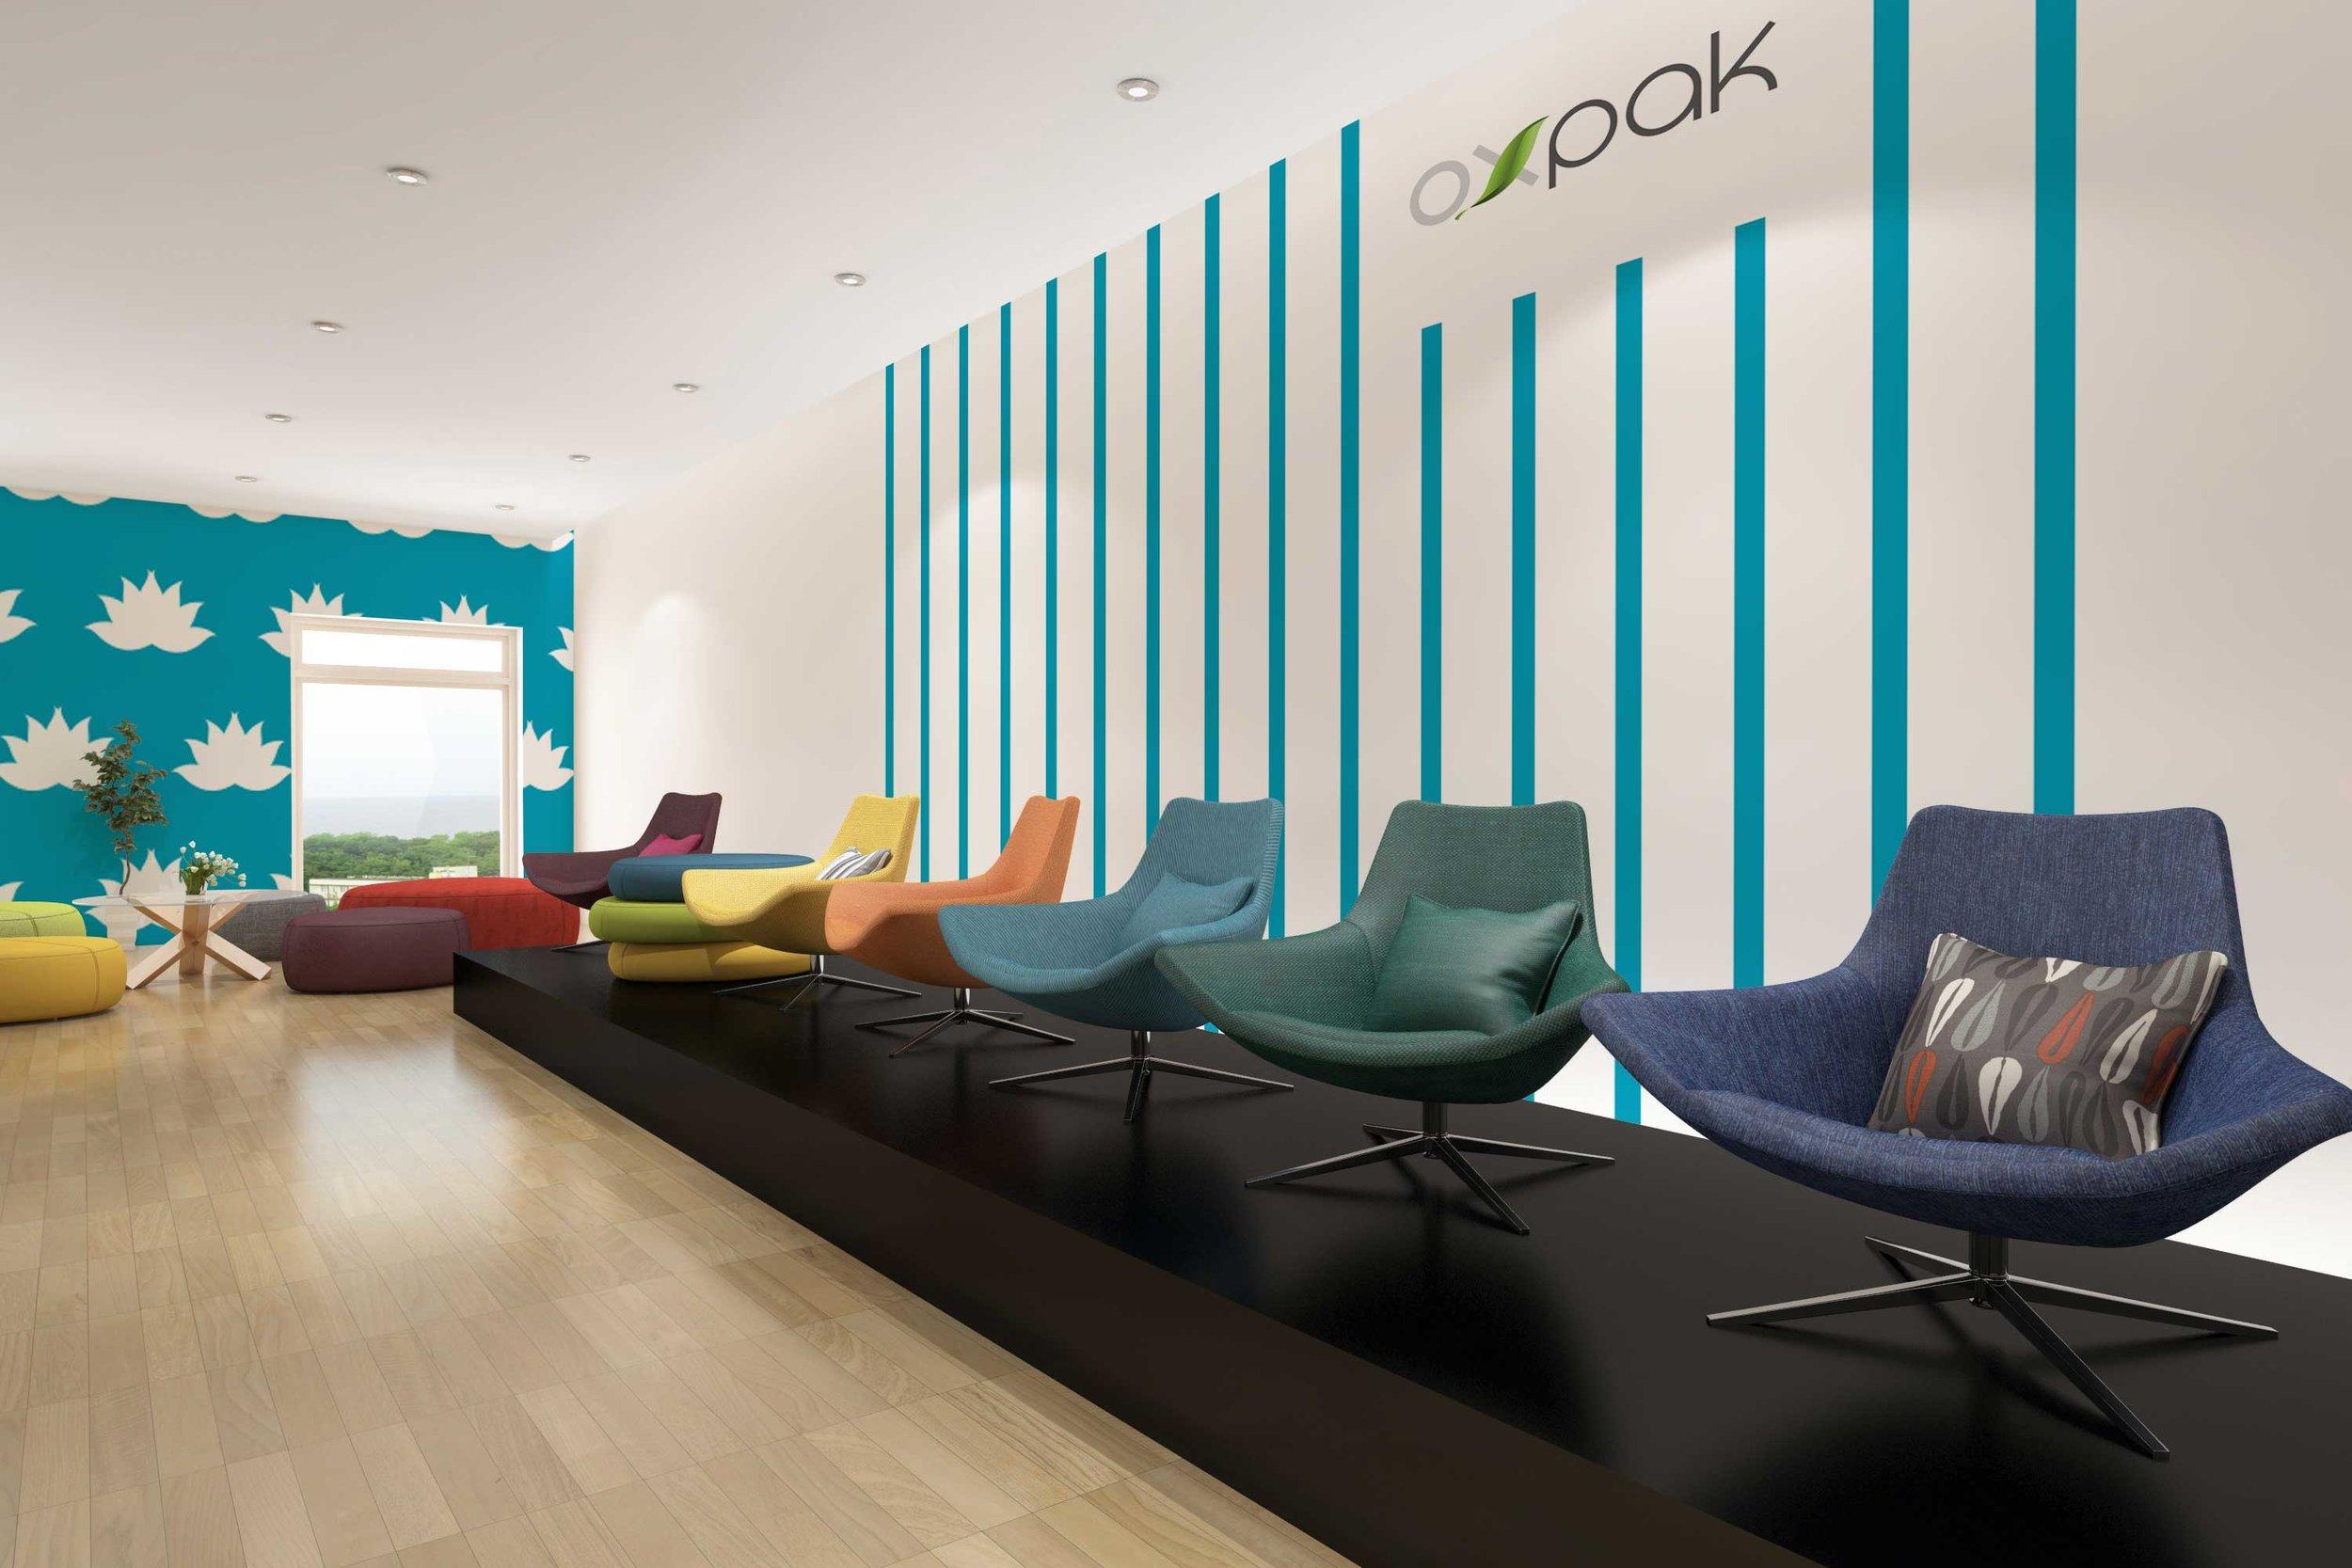 oxpak-office.jpg